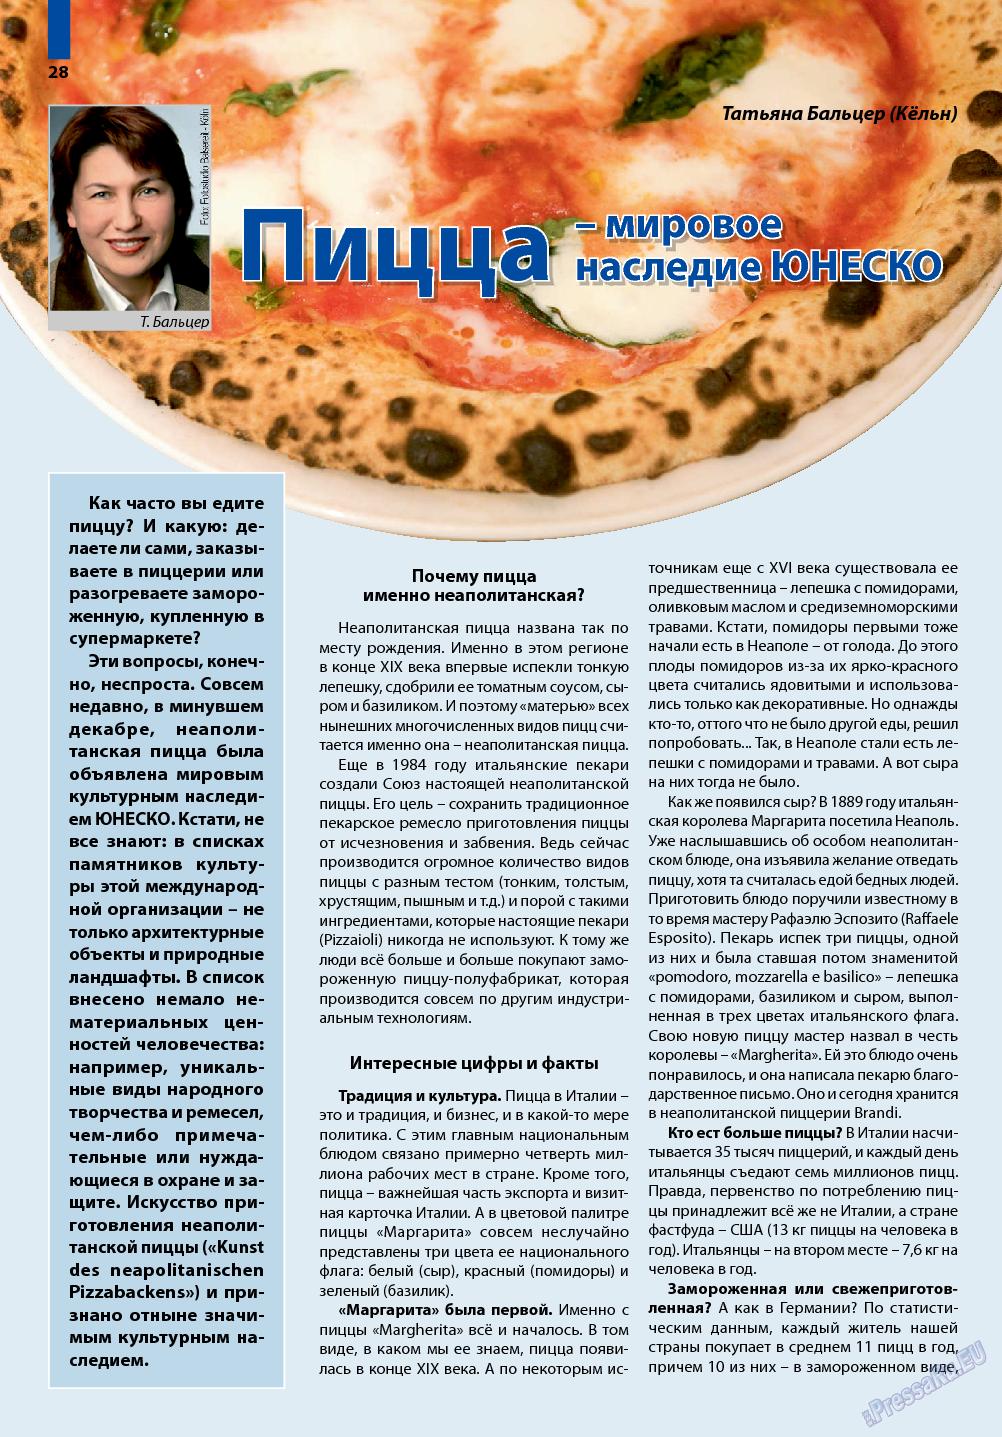 Партнер (журнал). 2018 год, номер 1, стр. 28